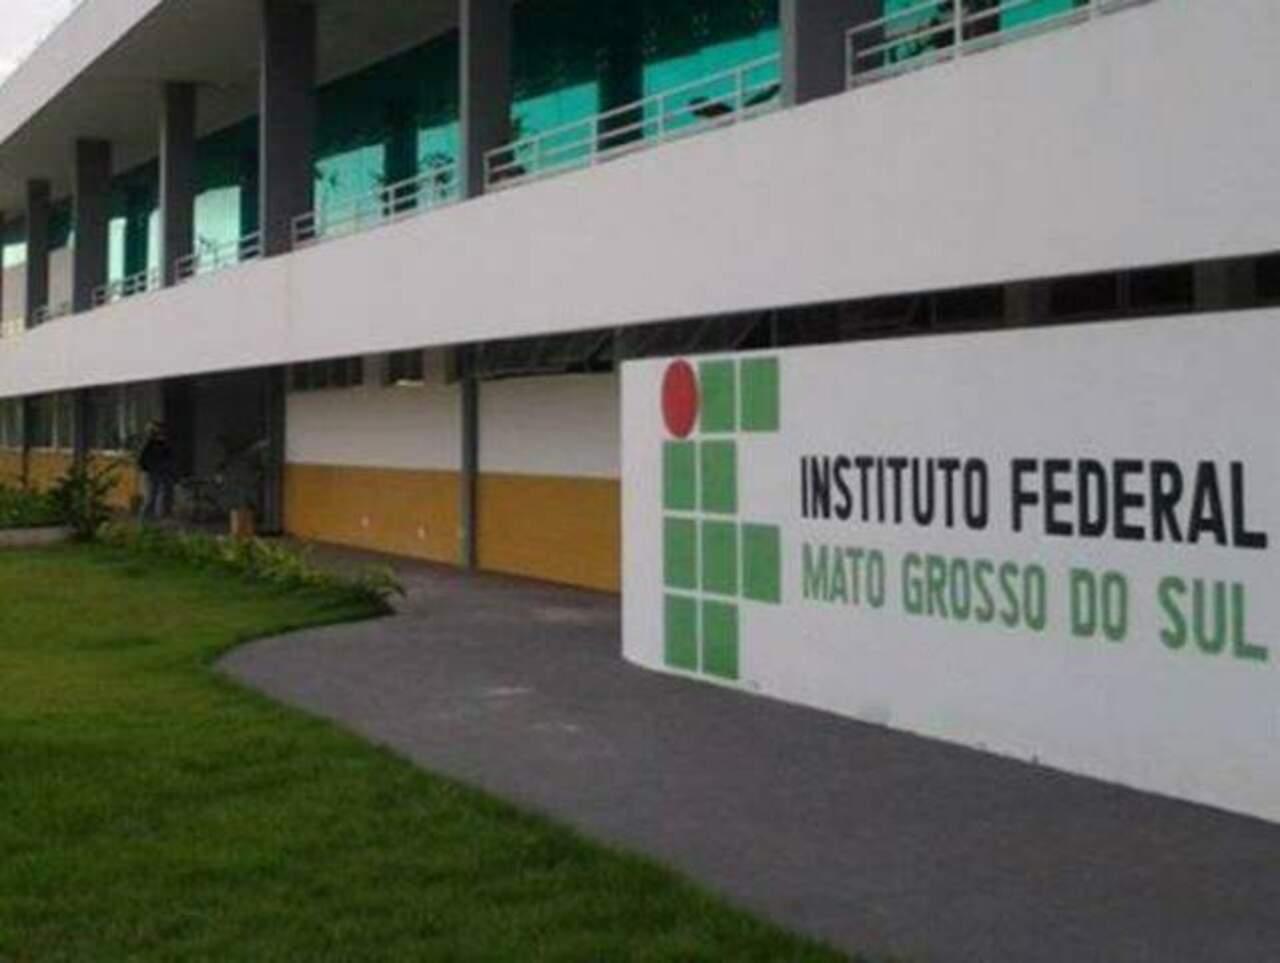 IFMS - cursos gratuitos - vagas